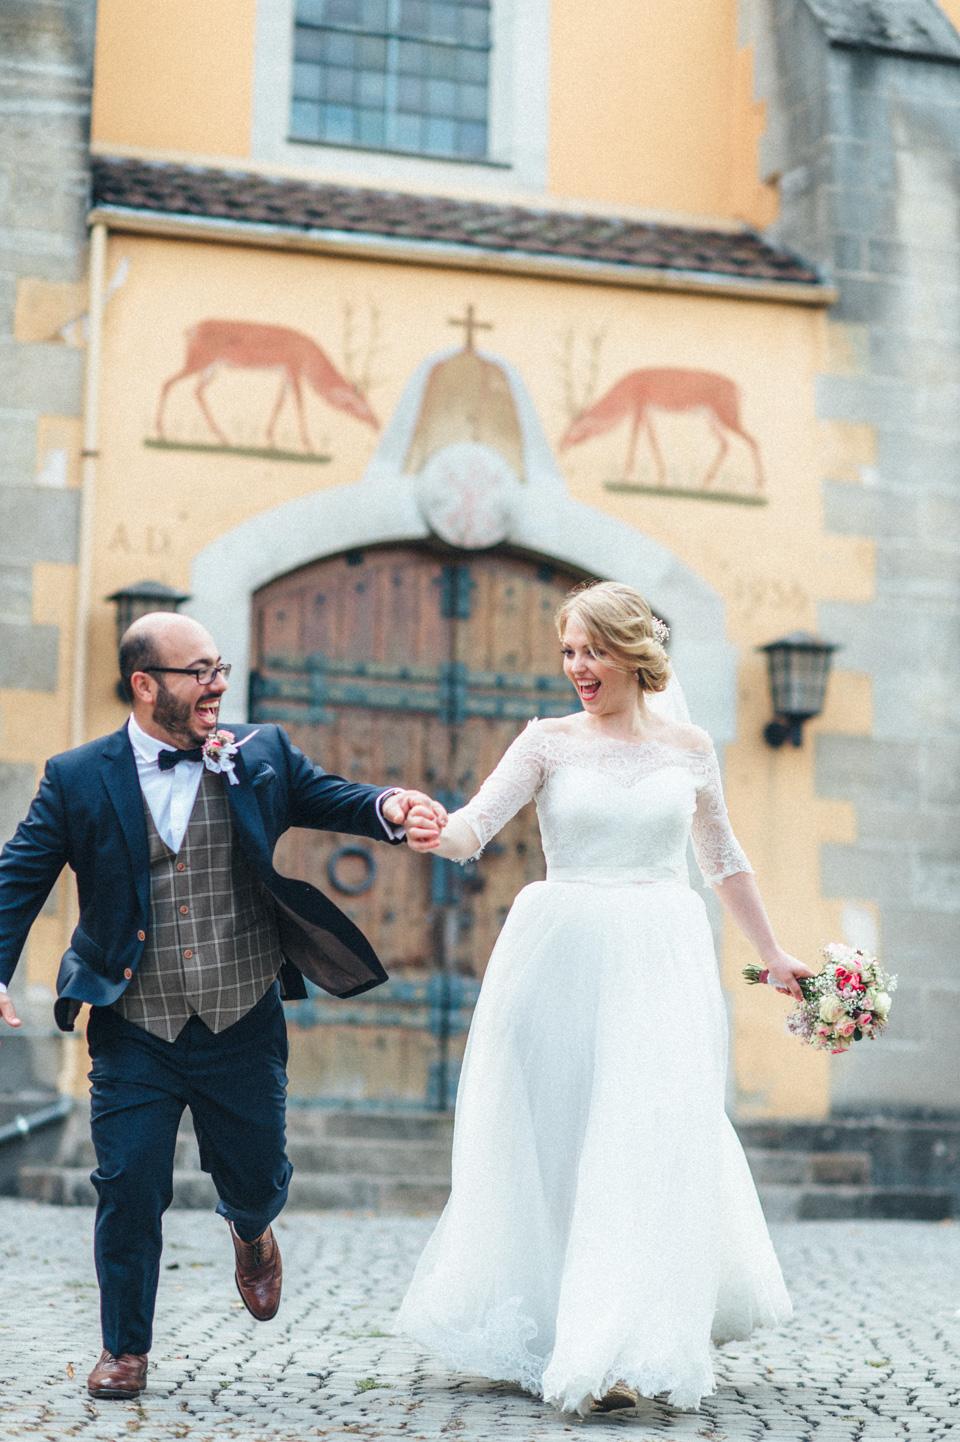 diy-wedding-bayern-180 Isabell & Tomaj Vintage DIY Hochzeit in Bayerndiy wedding bayern 180